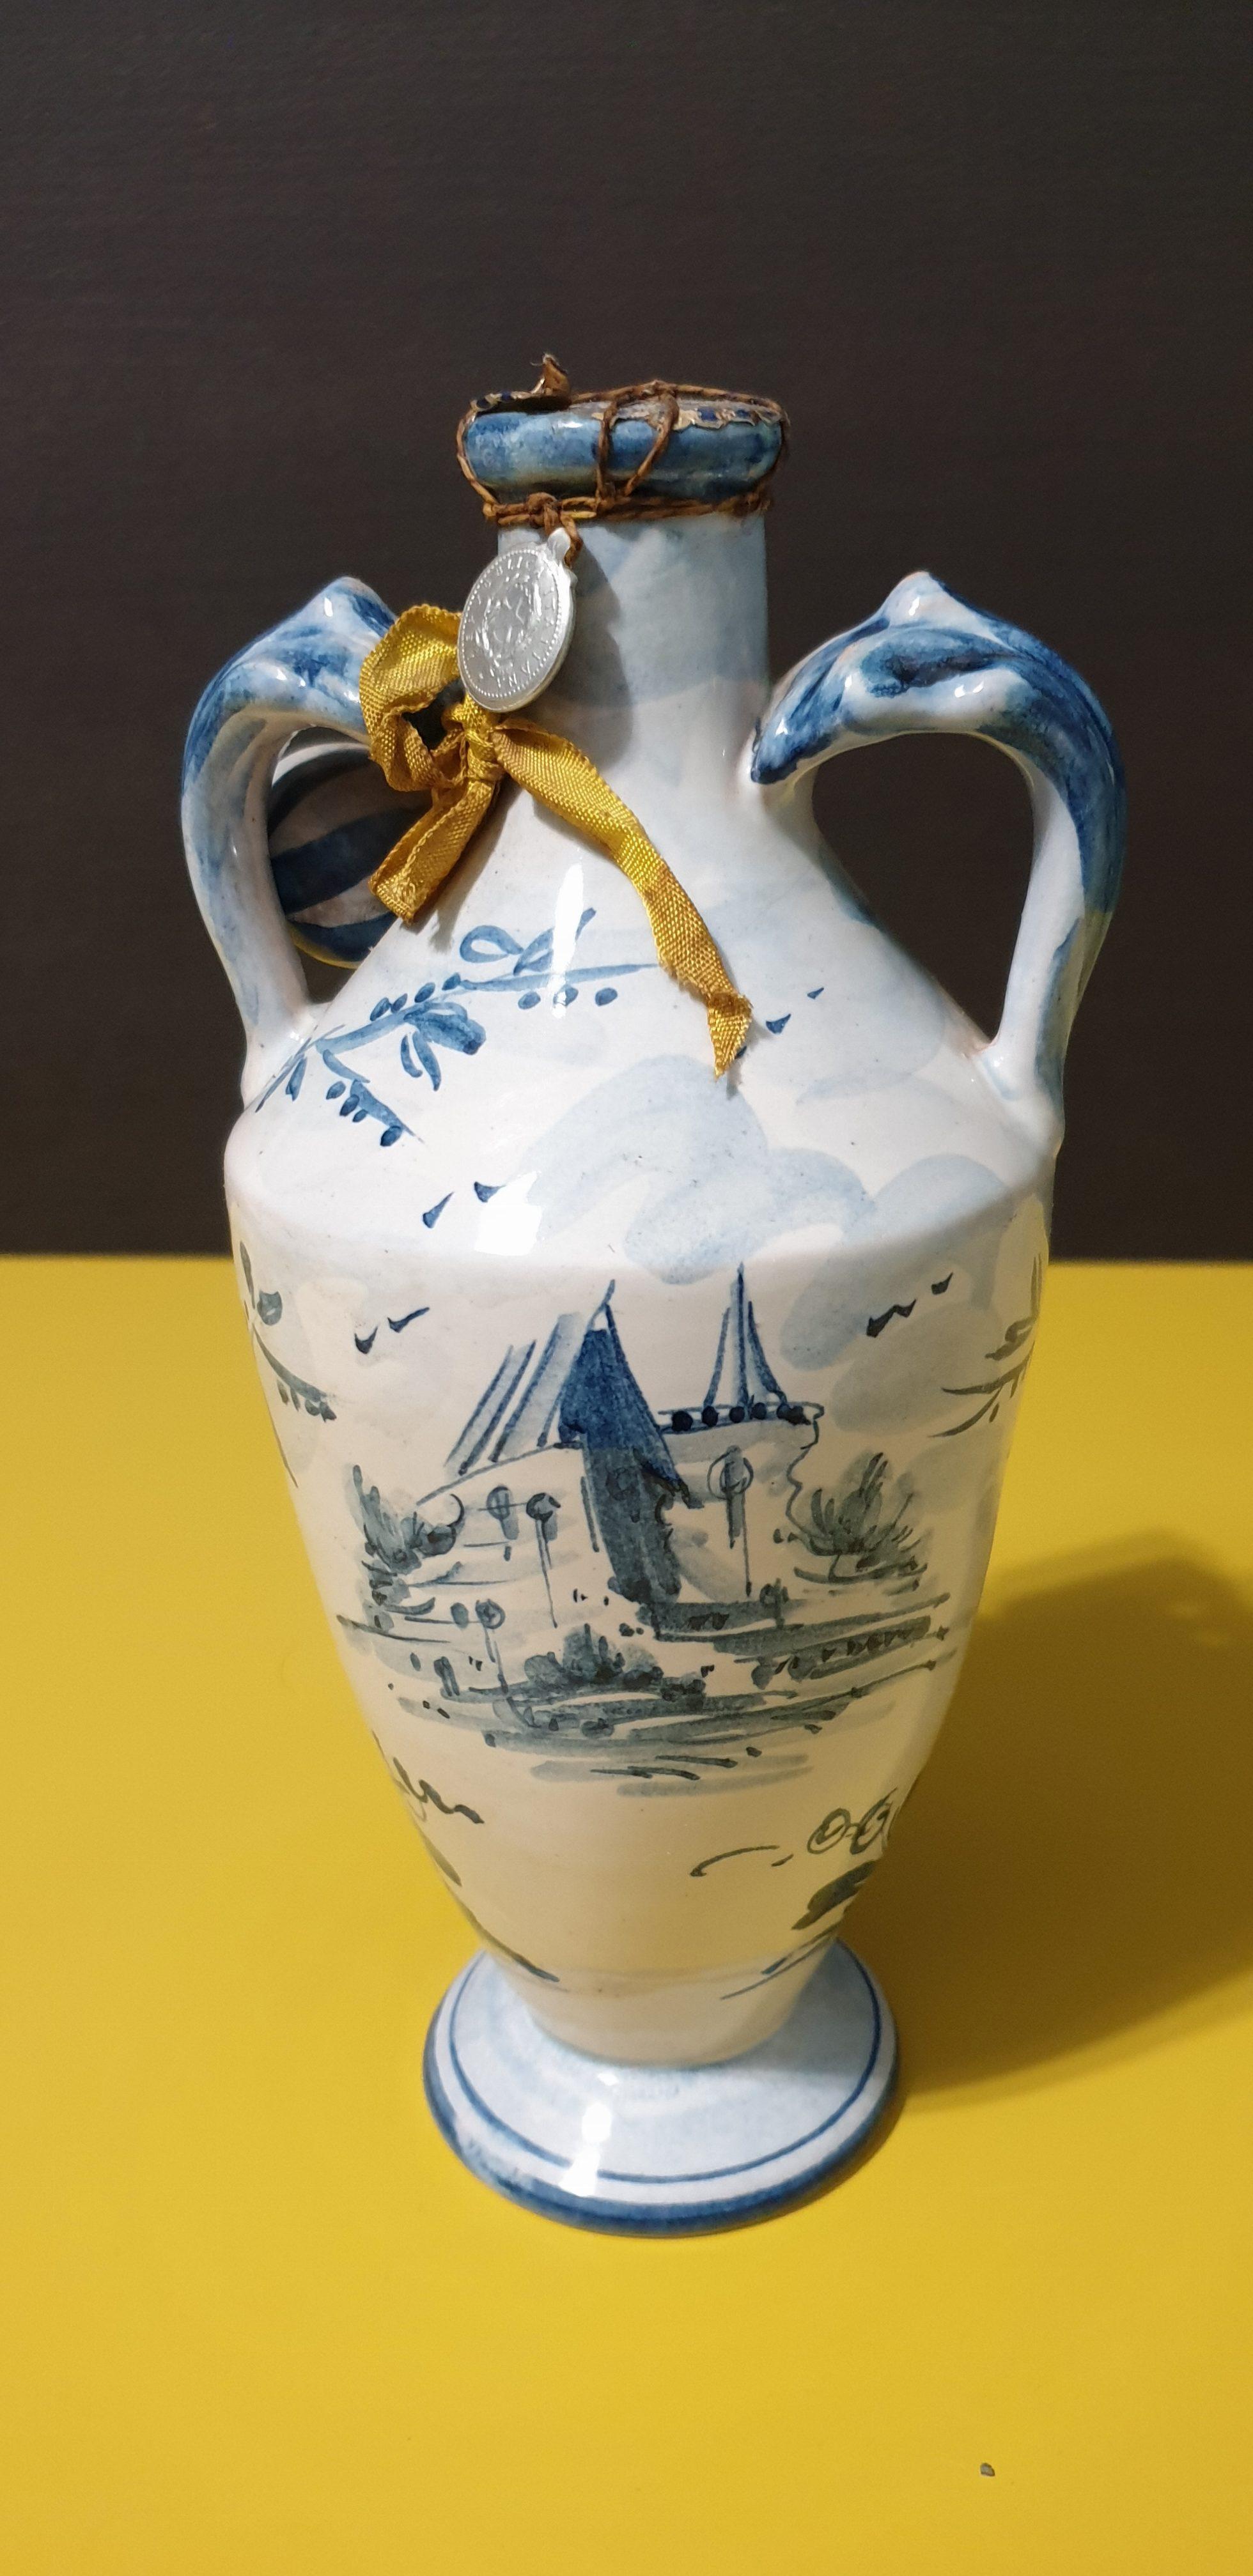 Enzo Martini: L'ARTE in bottiglia ad Alba Docilia  dal 11/10/2019 al 10/11/2019  - inaugurazione il giorno 11/10/2019  alle 17,00